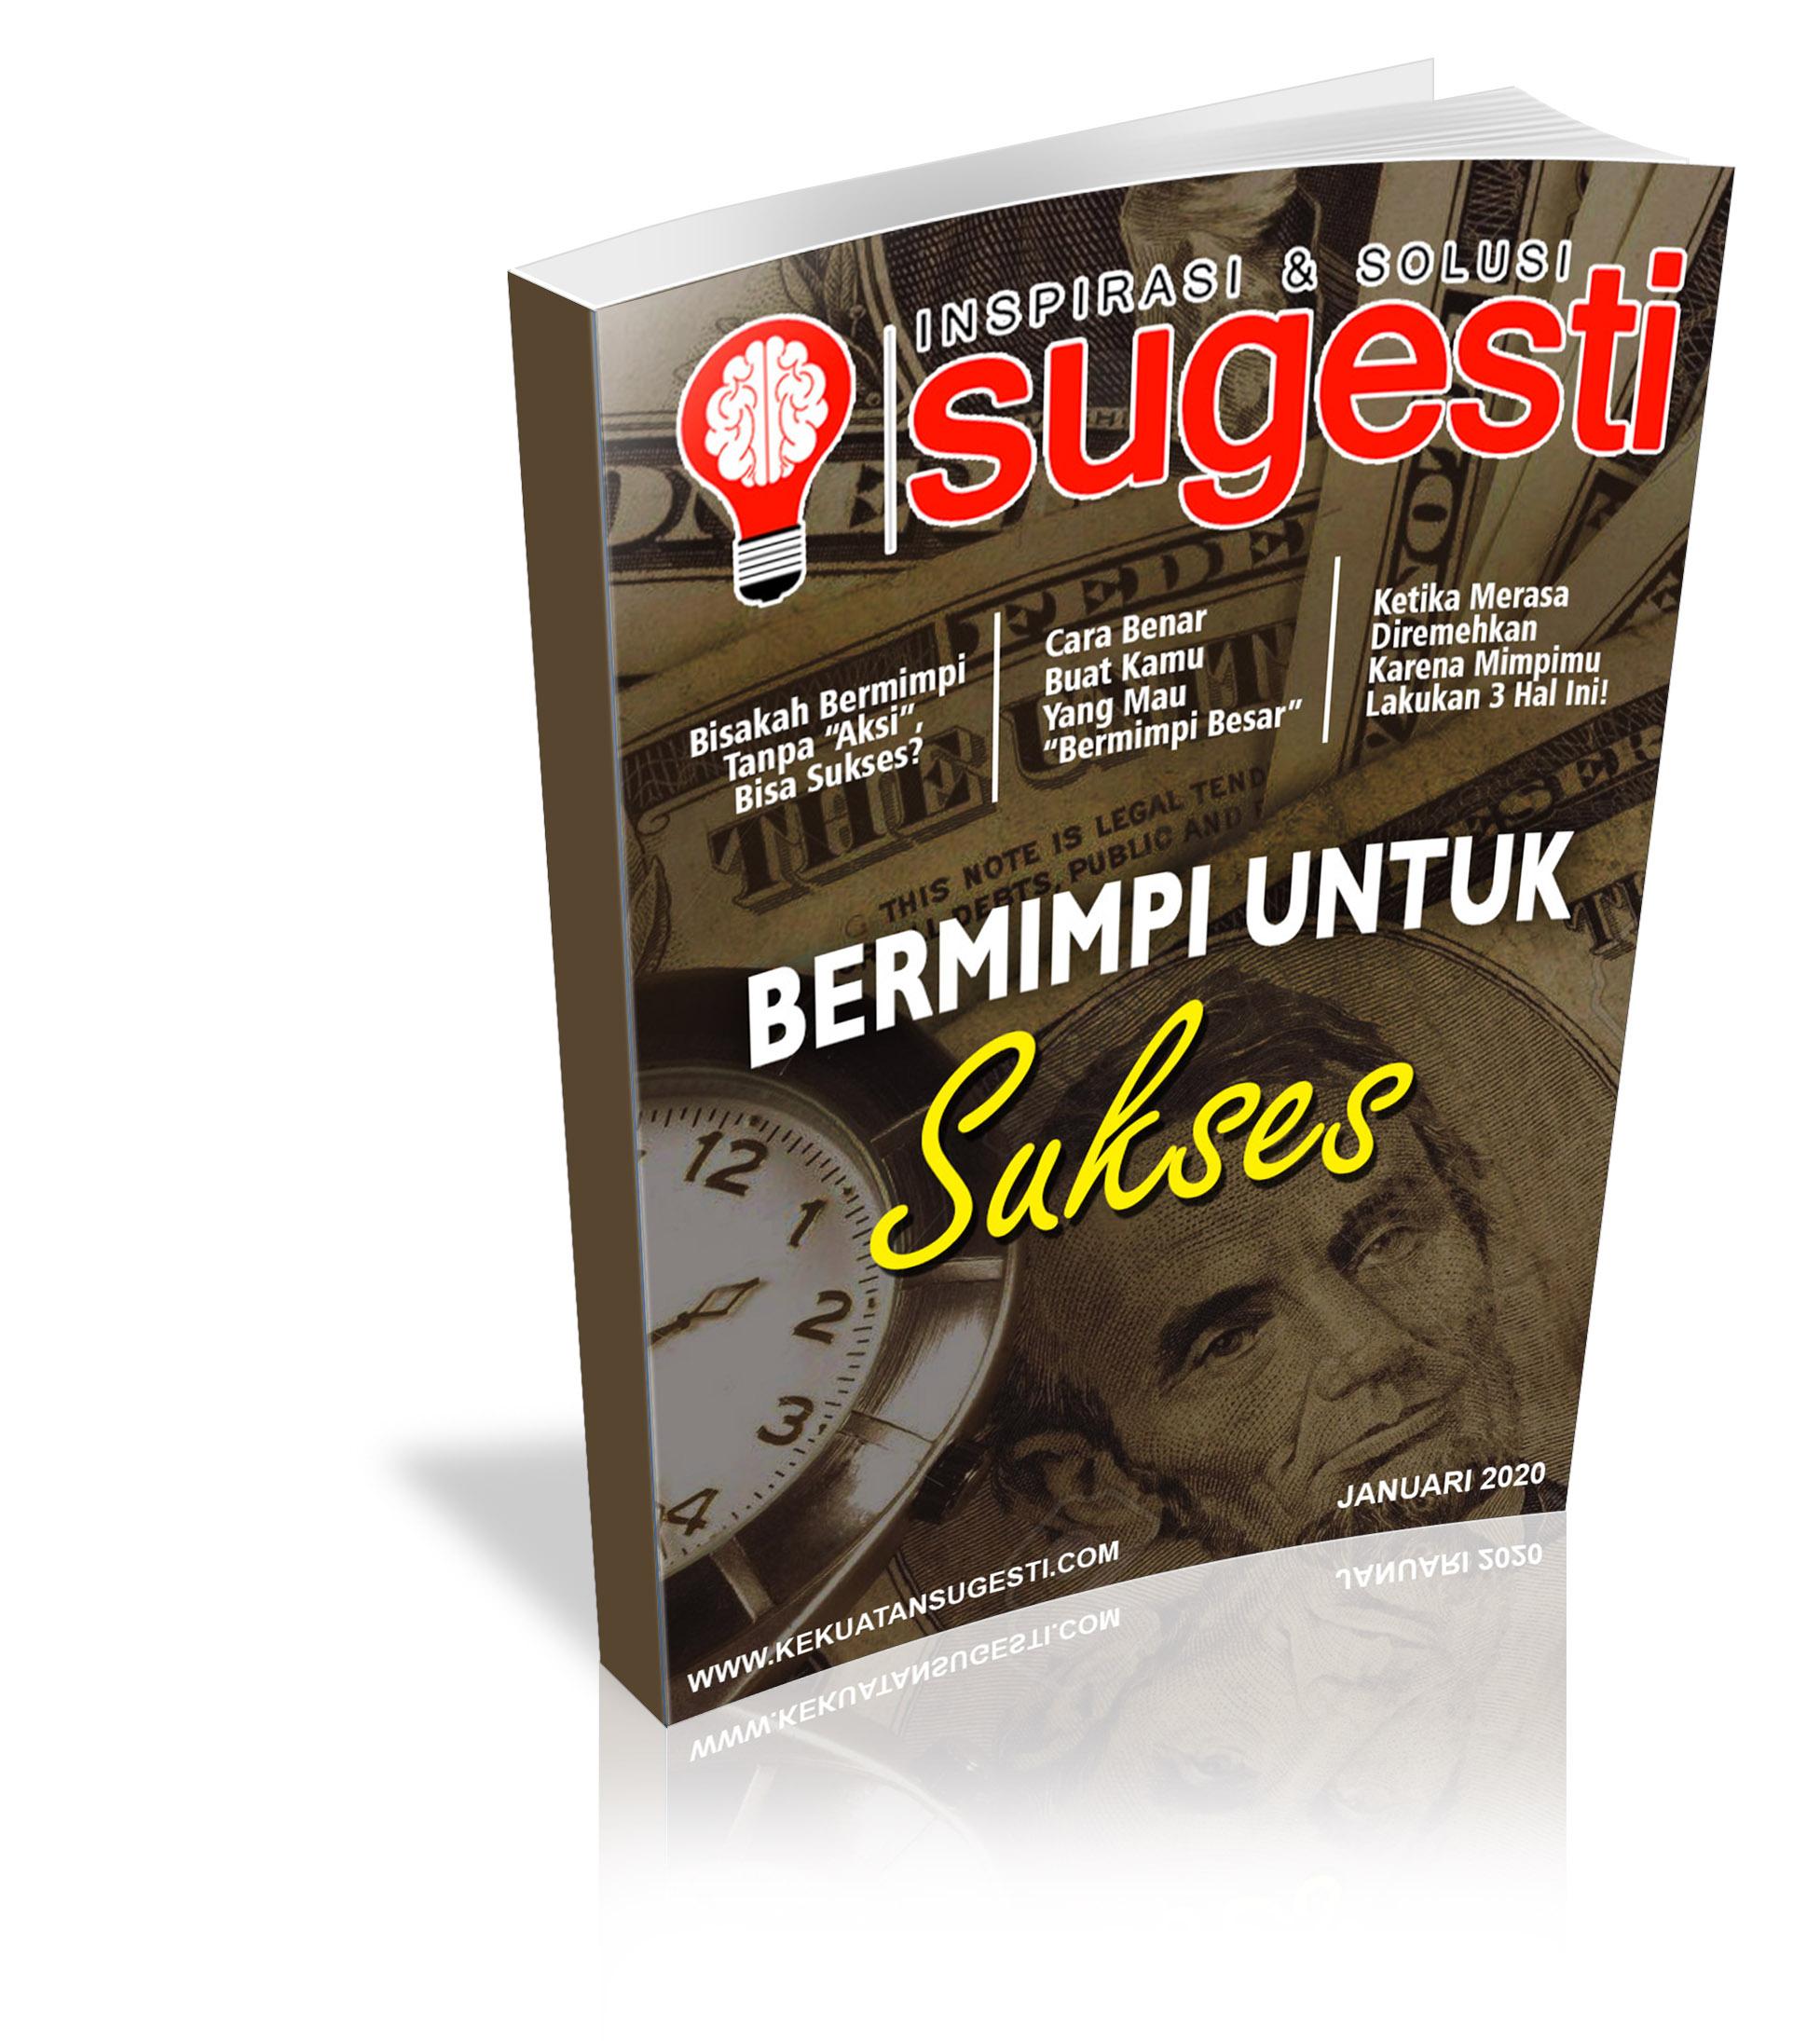 Majalah Sugesti Edisi Keenampuluh Tujuh bulan Januari 2020